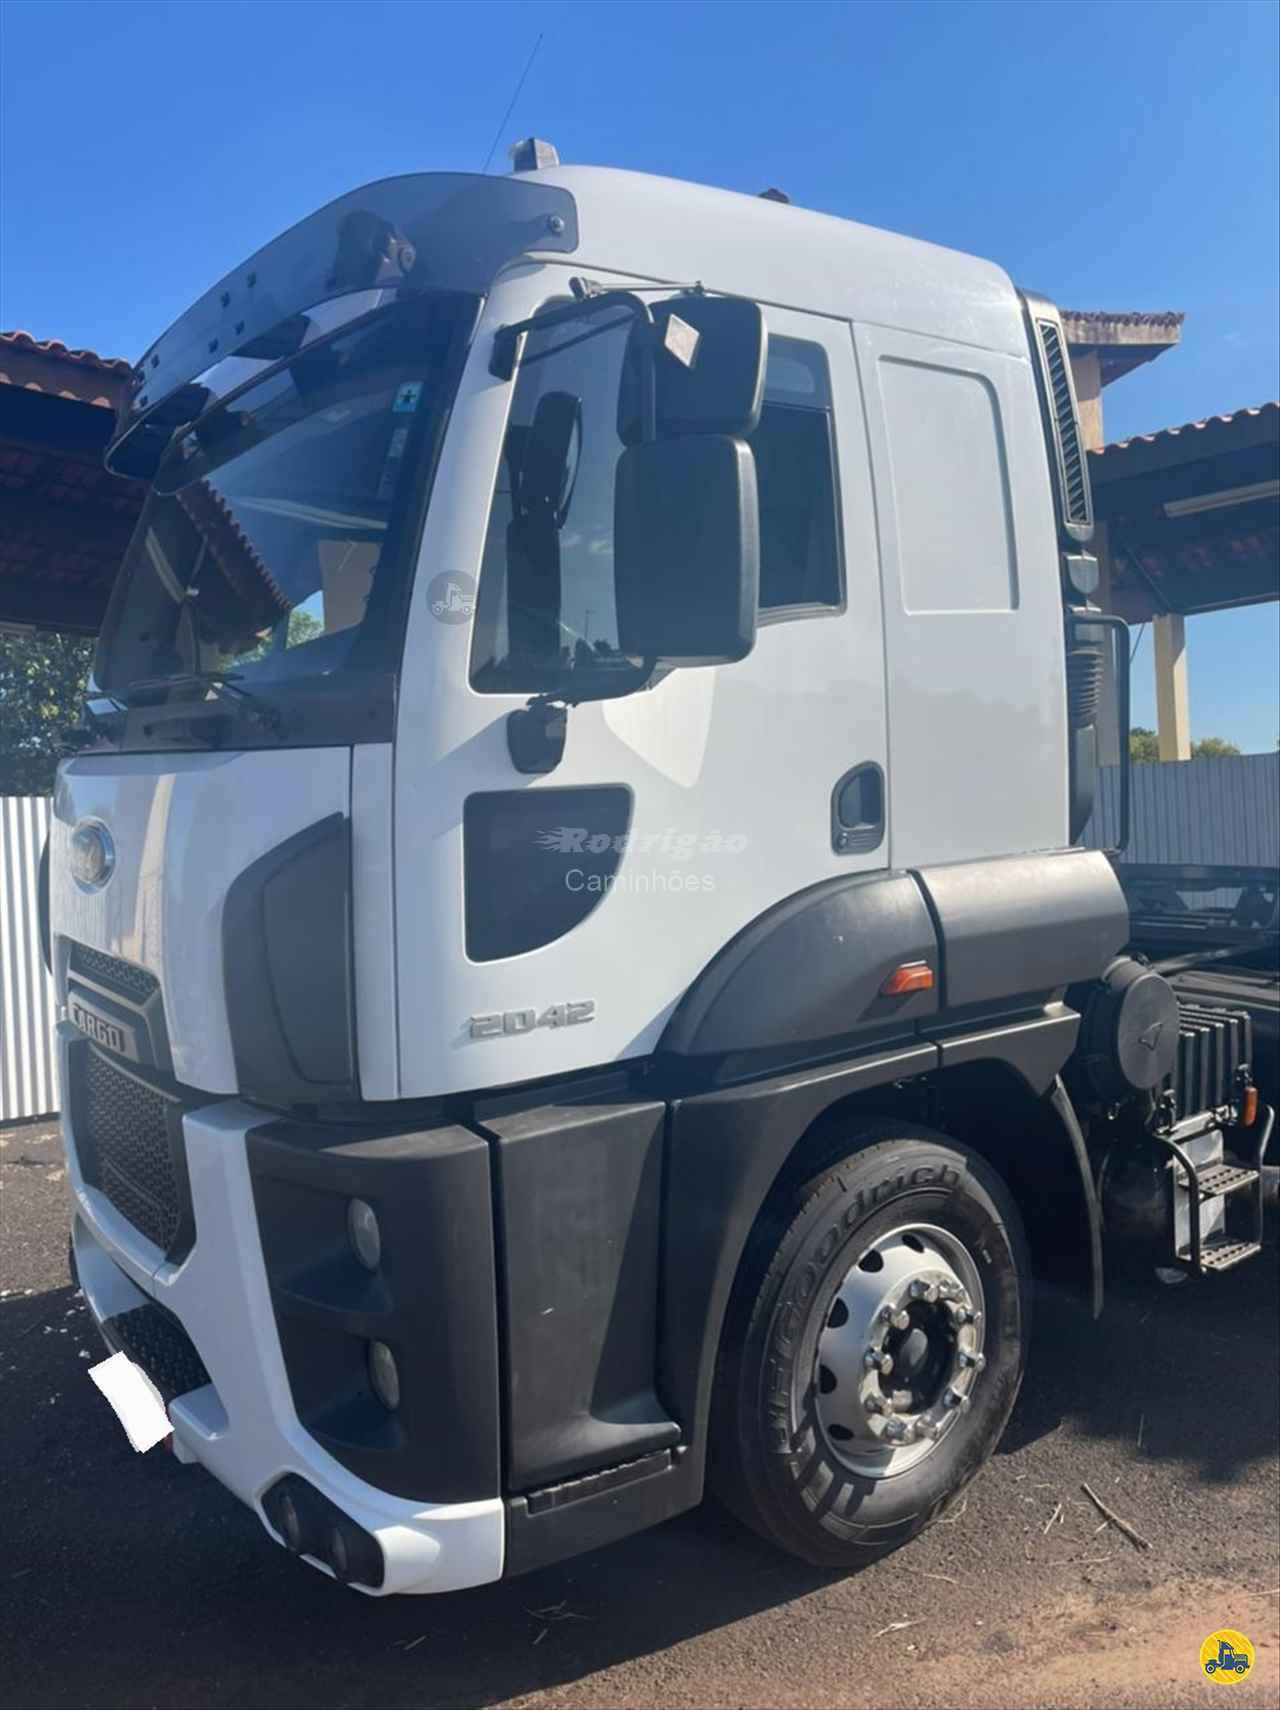 CAMINHAO FORD CARGO 2042 Cavalo Mecânico Toco 4x2 Rodrigão Caminhões São José do Rio Preto SÃO PAULO SP